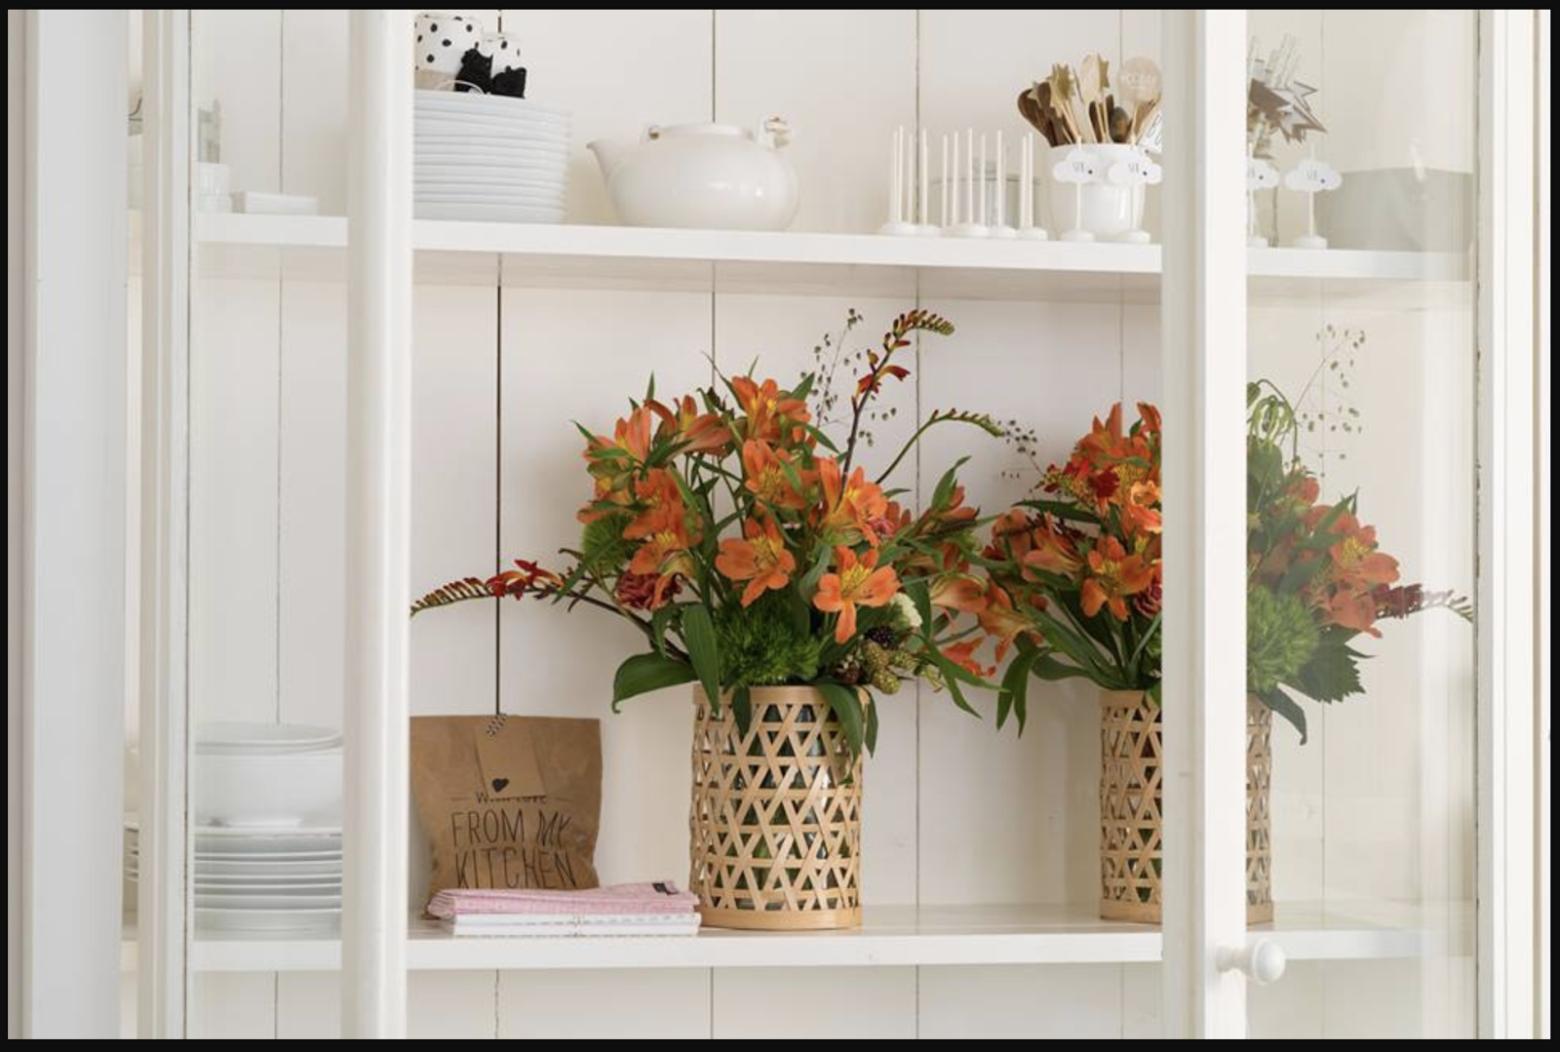 Có thể kết hợp hoa thuỷ tiên với nhiều loại hoa khác